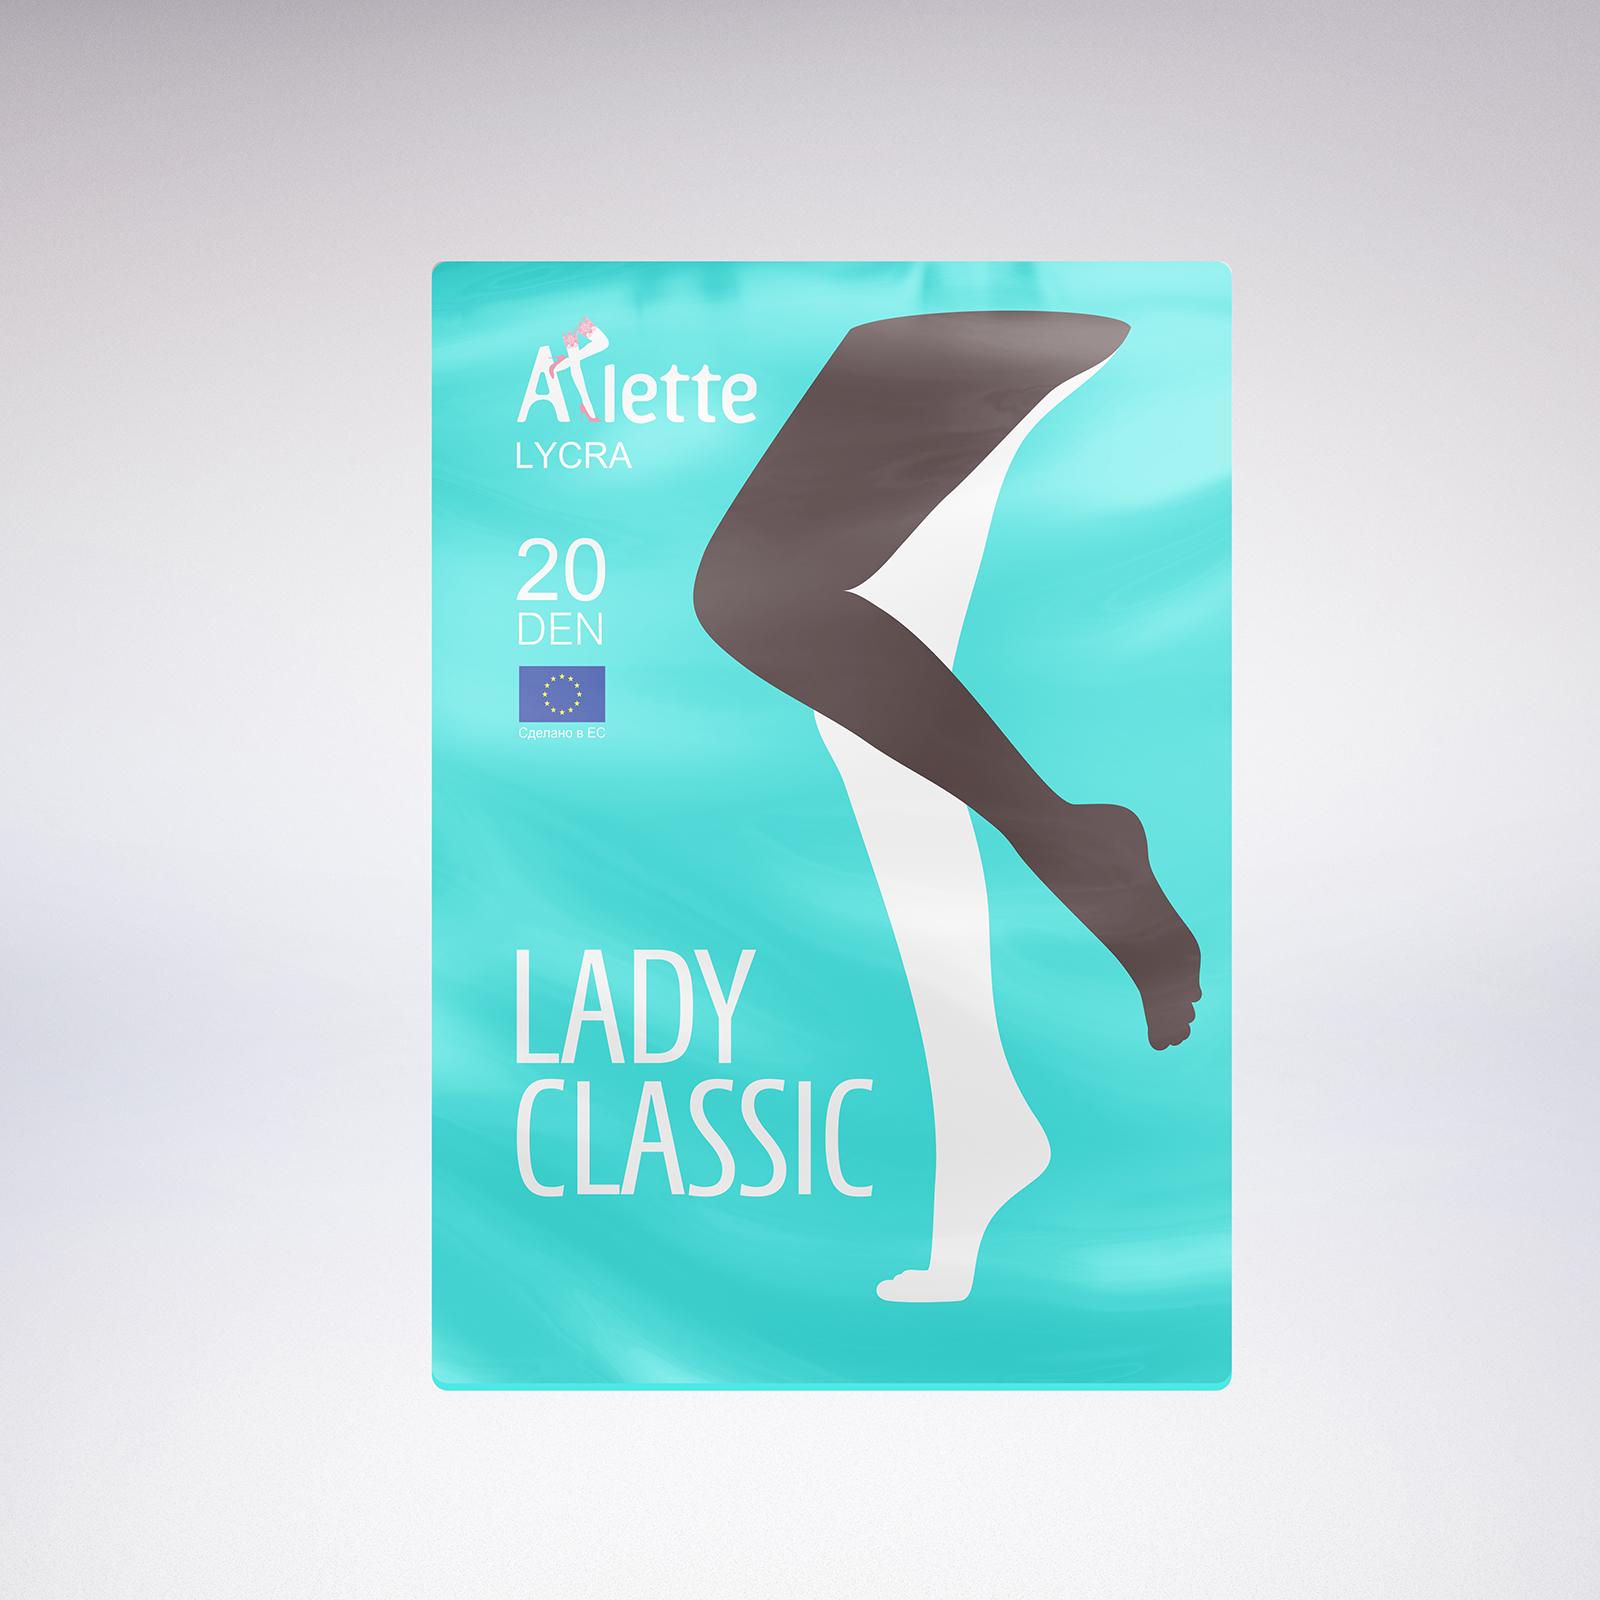 Дизайн упаковки женских колготок фото f_57059988a475fee1.jpg